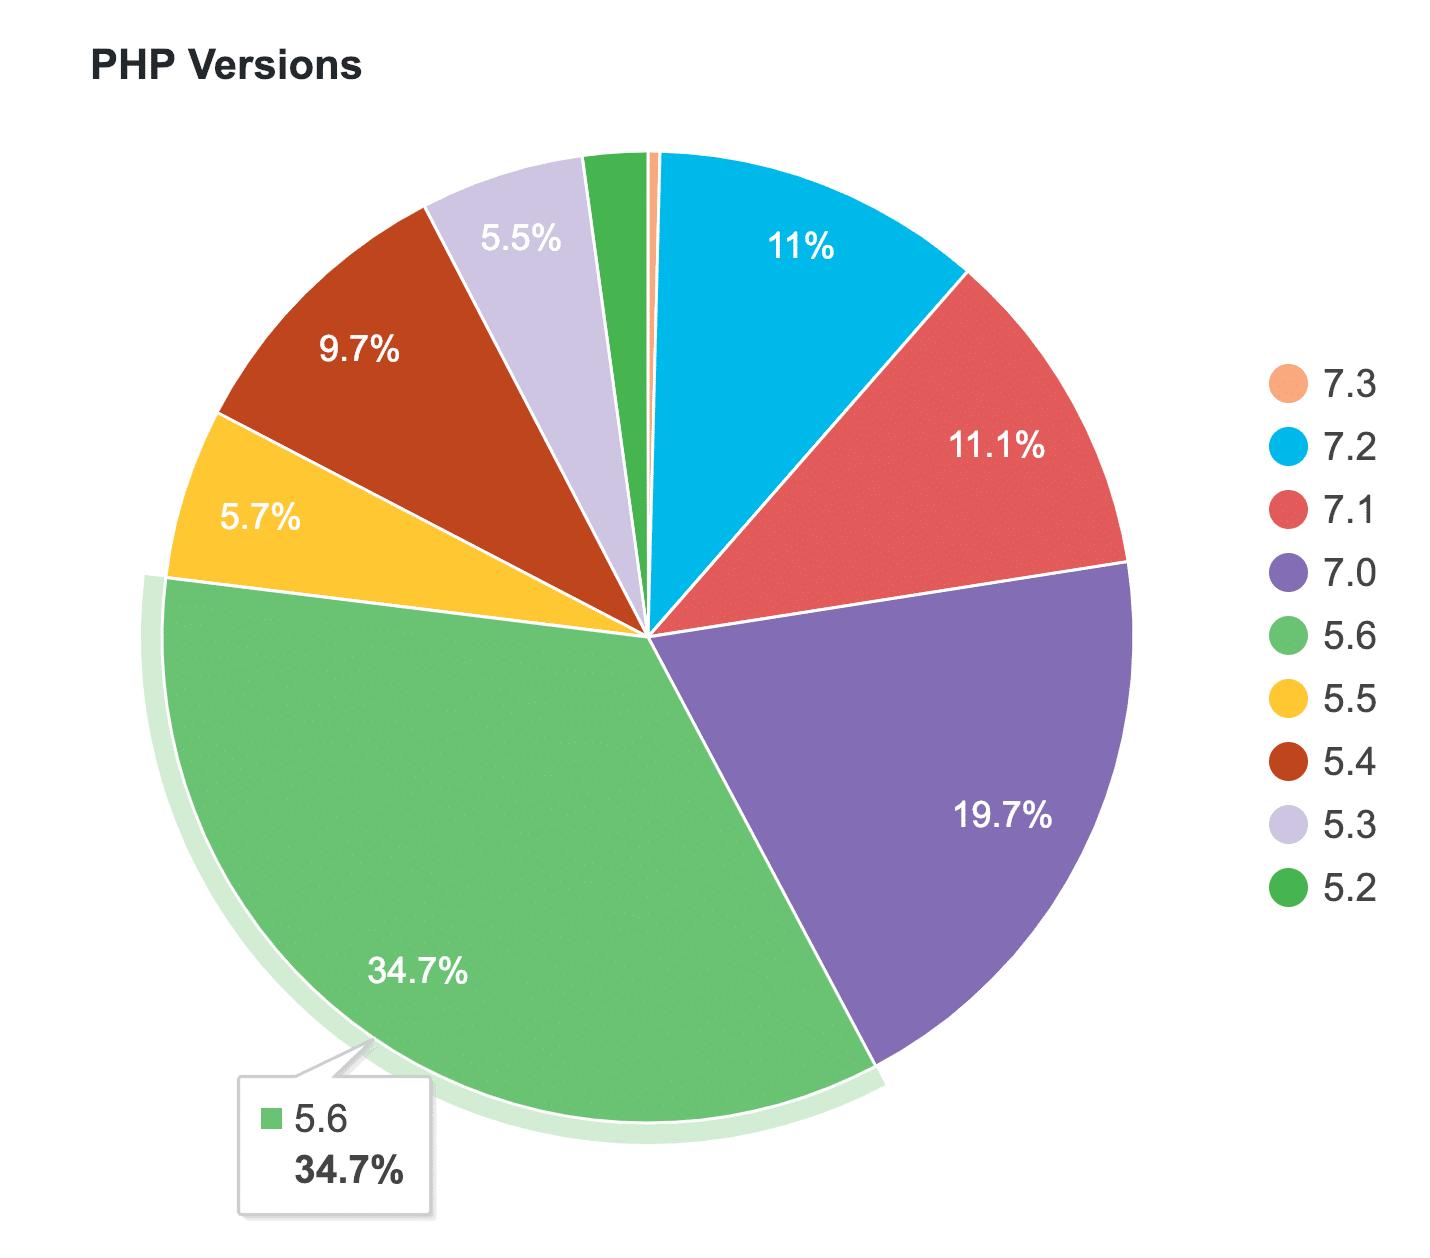 Vẫn còn rất nhiều Website dùng PHP không bảo mật